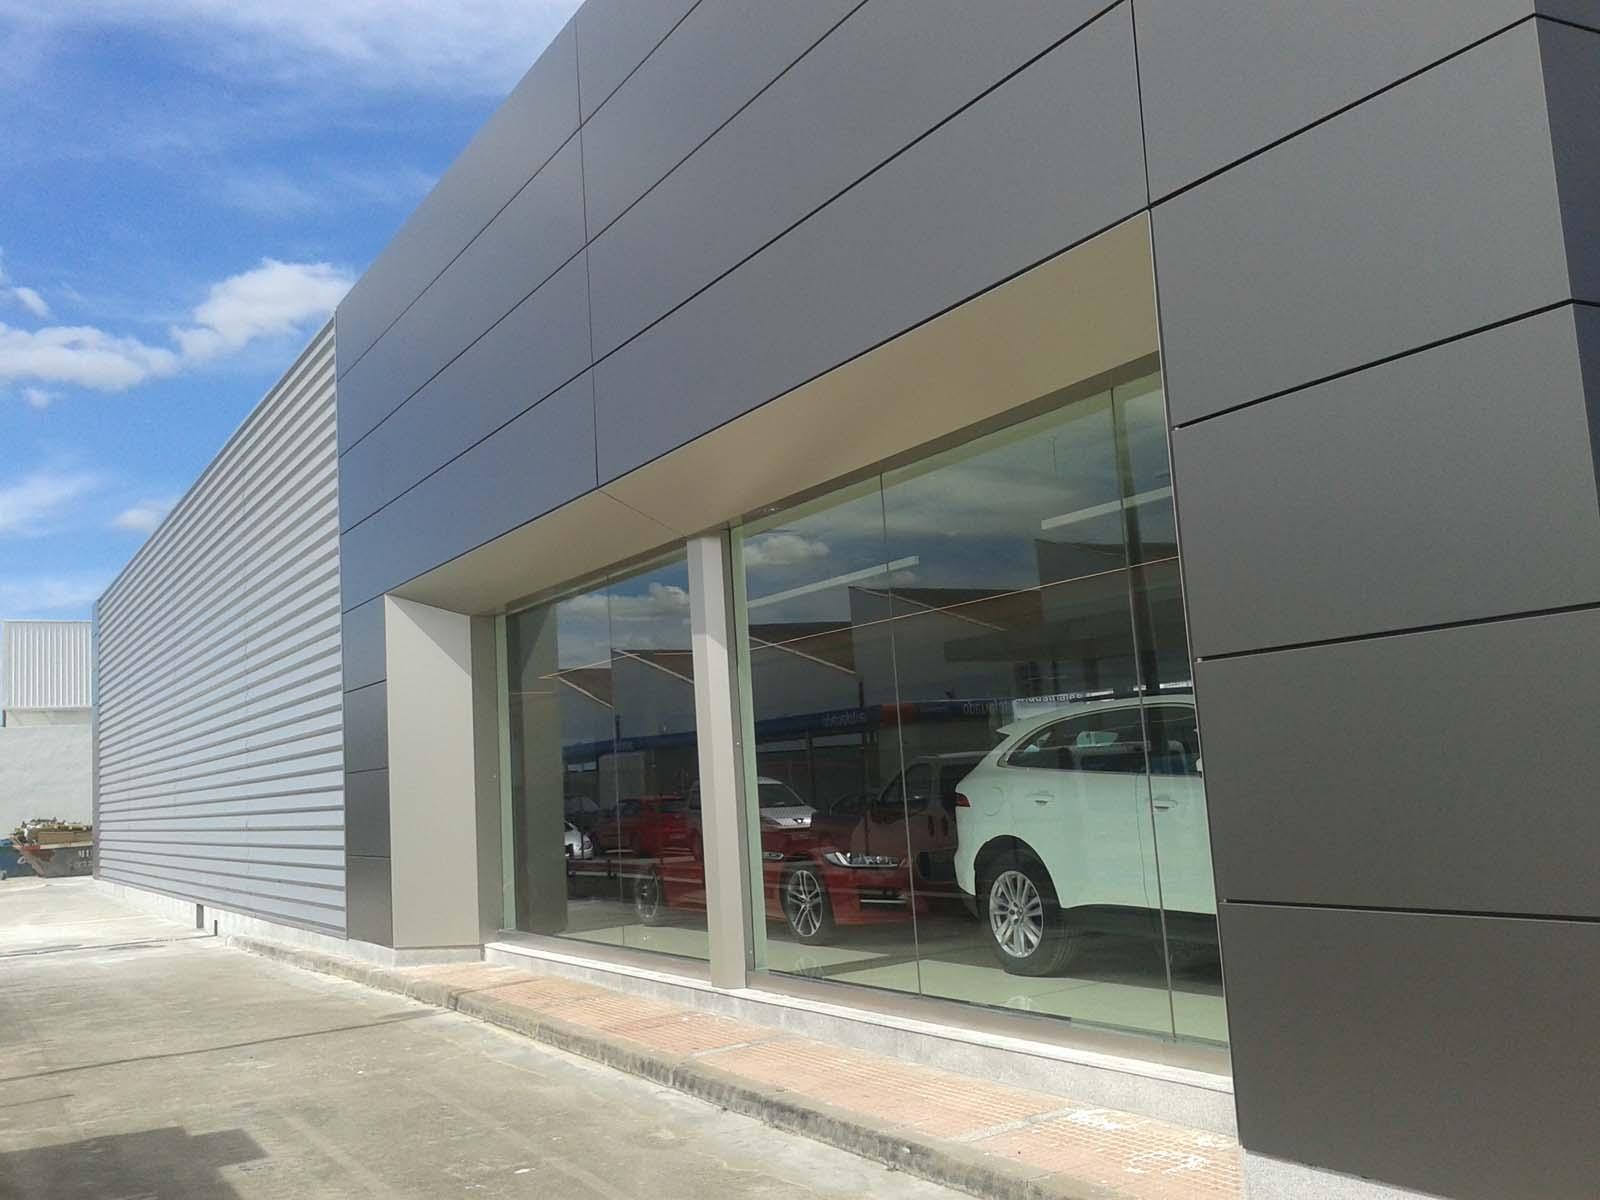 Concesionario jaguar land rover en alcal de henares for Fachada aluminio